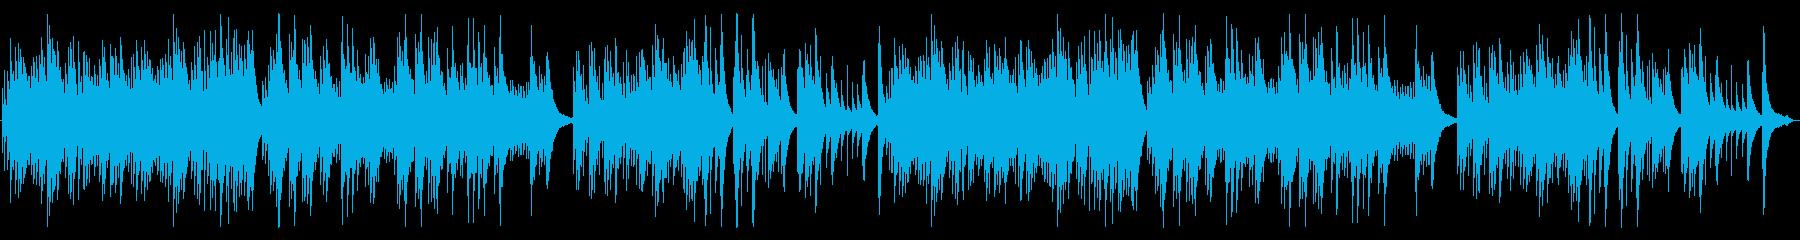 優しいオルゴールの再生済みの波形